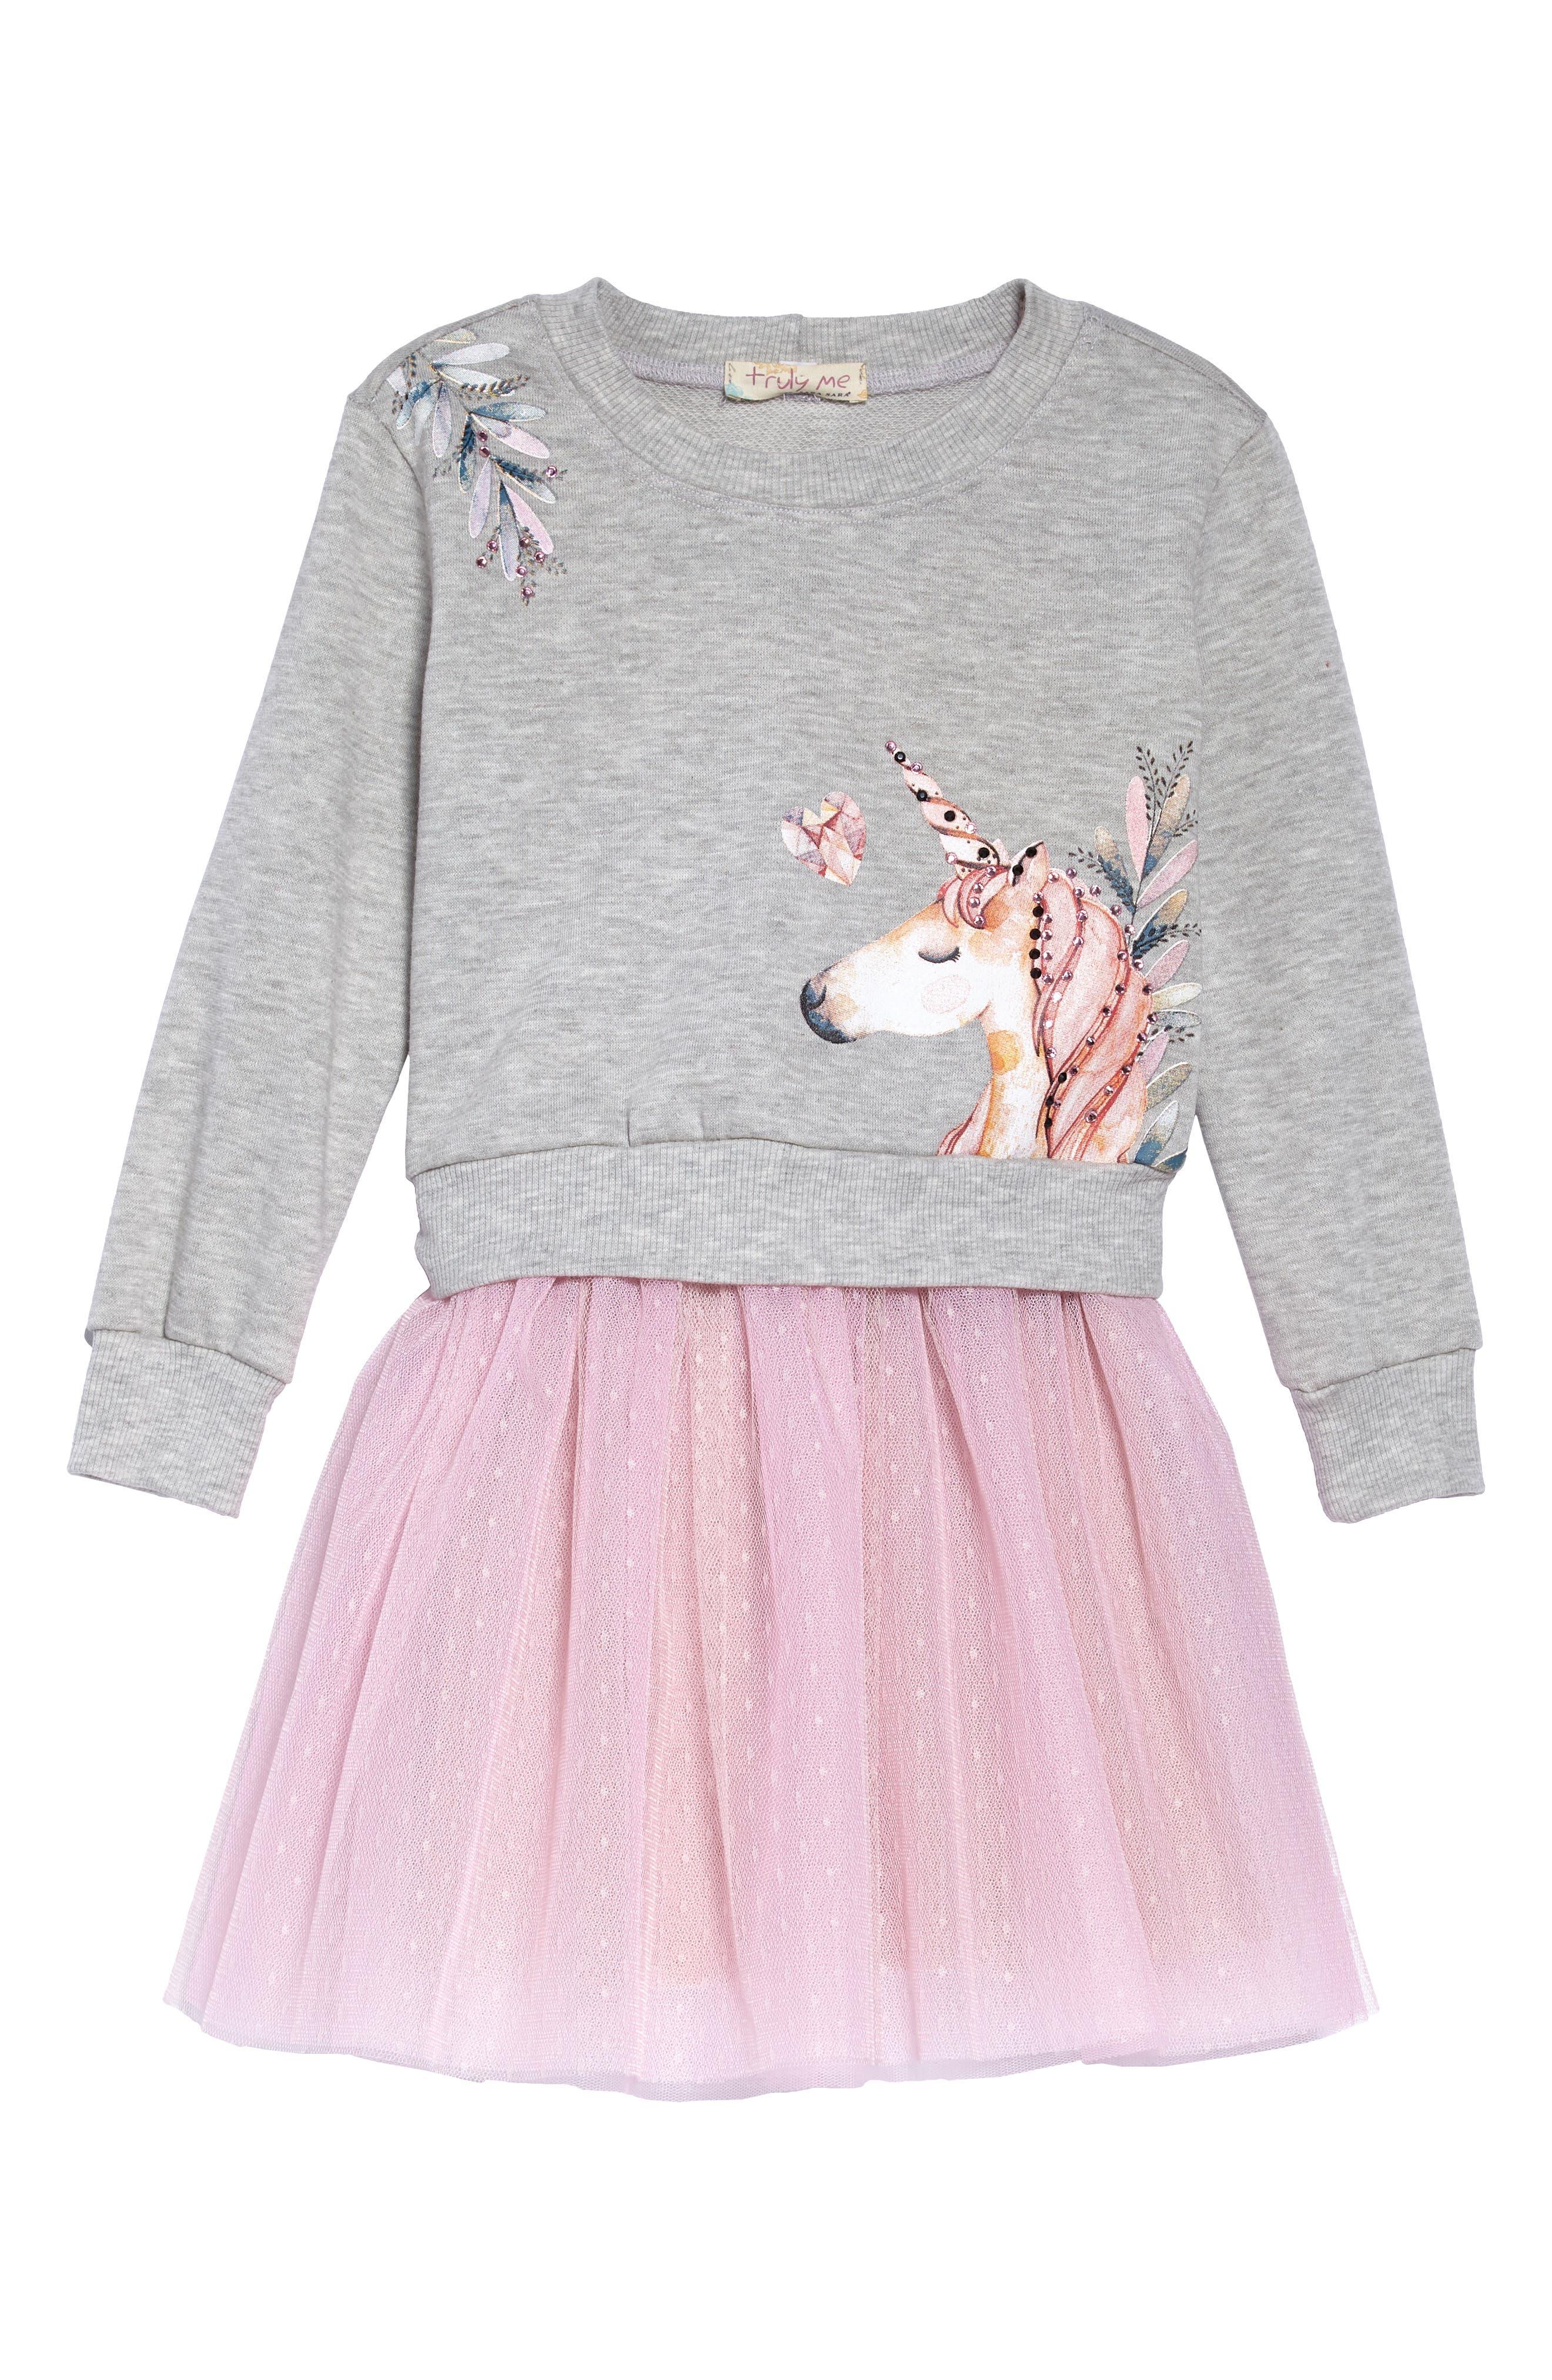 Unicorn Sweatshirt & Tutu Dress Set,                             Main thumbnail 1, color,                             069